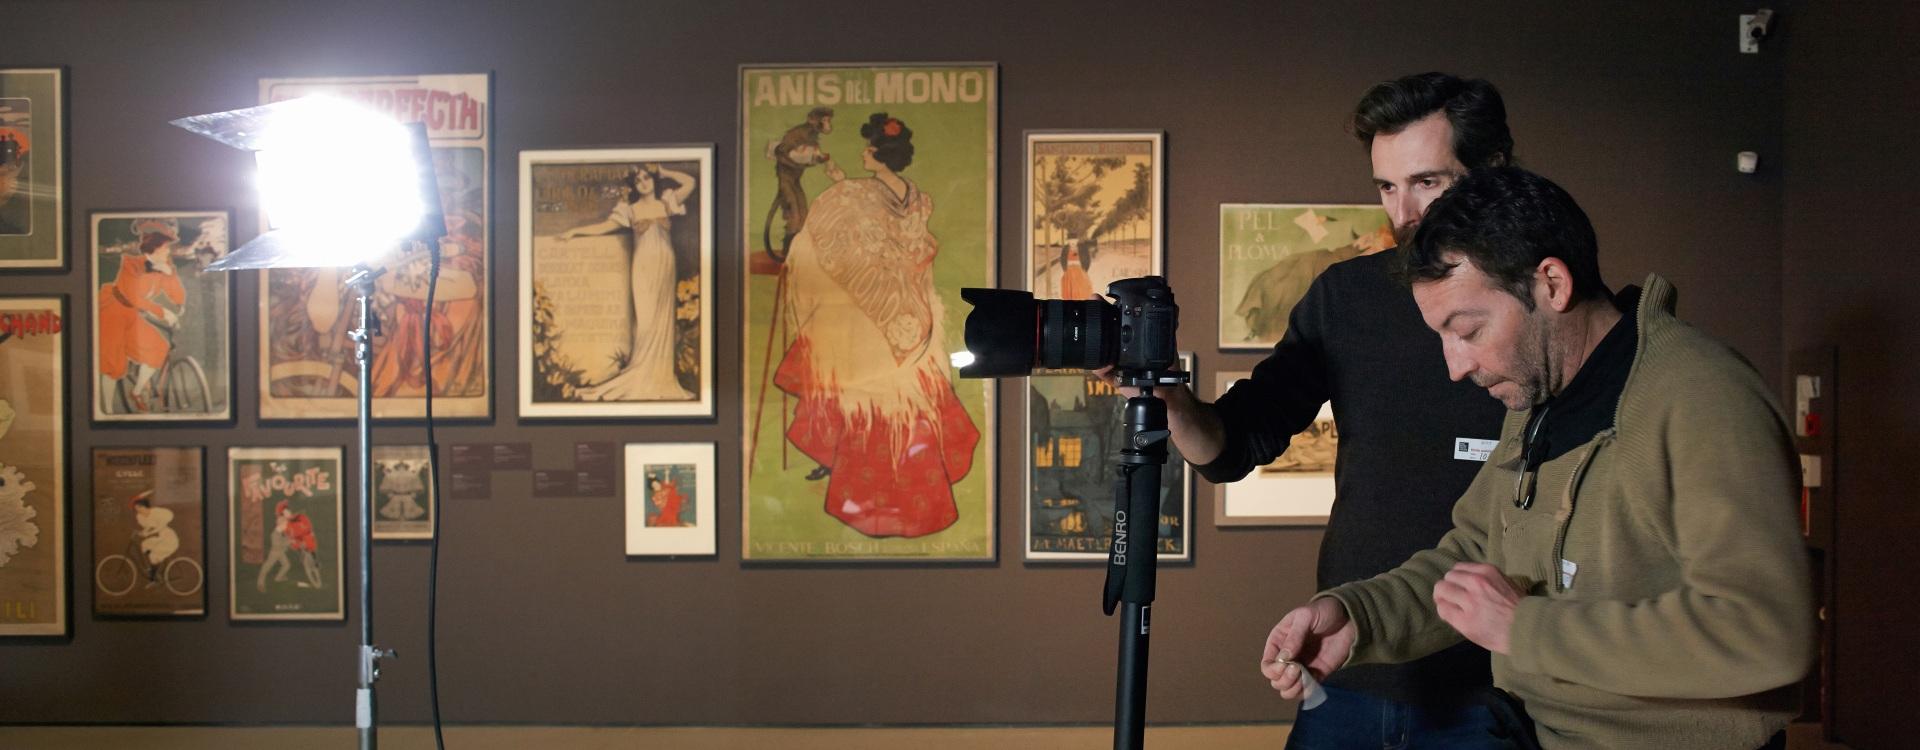 Making of de documental. Director y director de fotografía grabando en el Museu Nacional d\'Art de Catalunya. Foco de luz, carteles y pinturas.